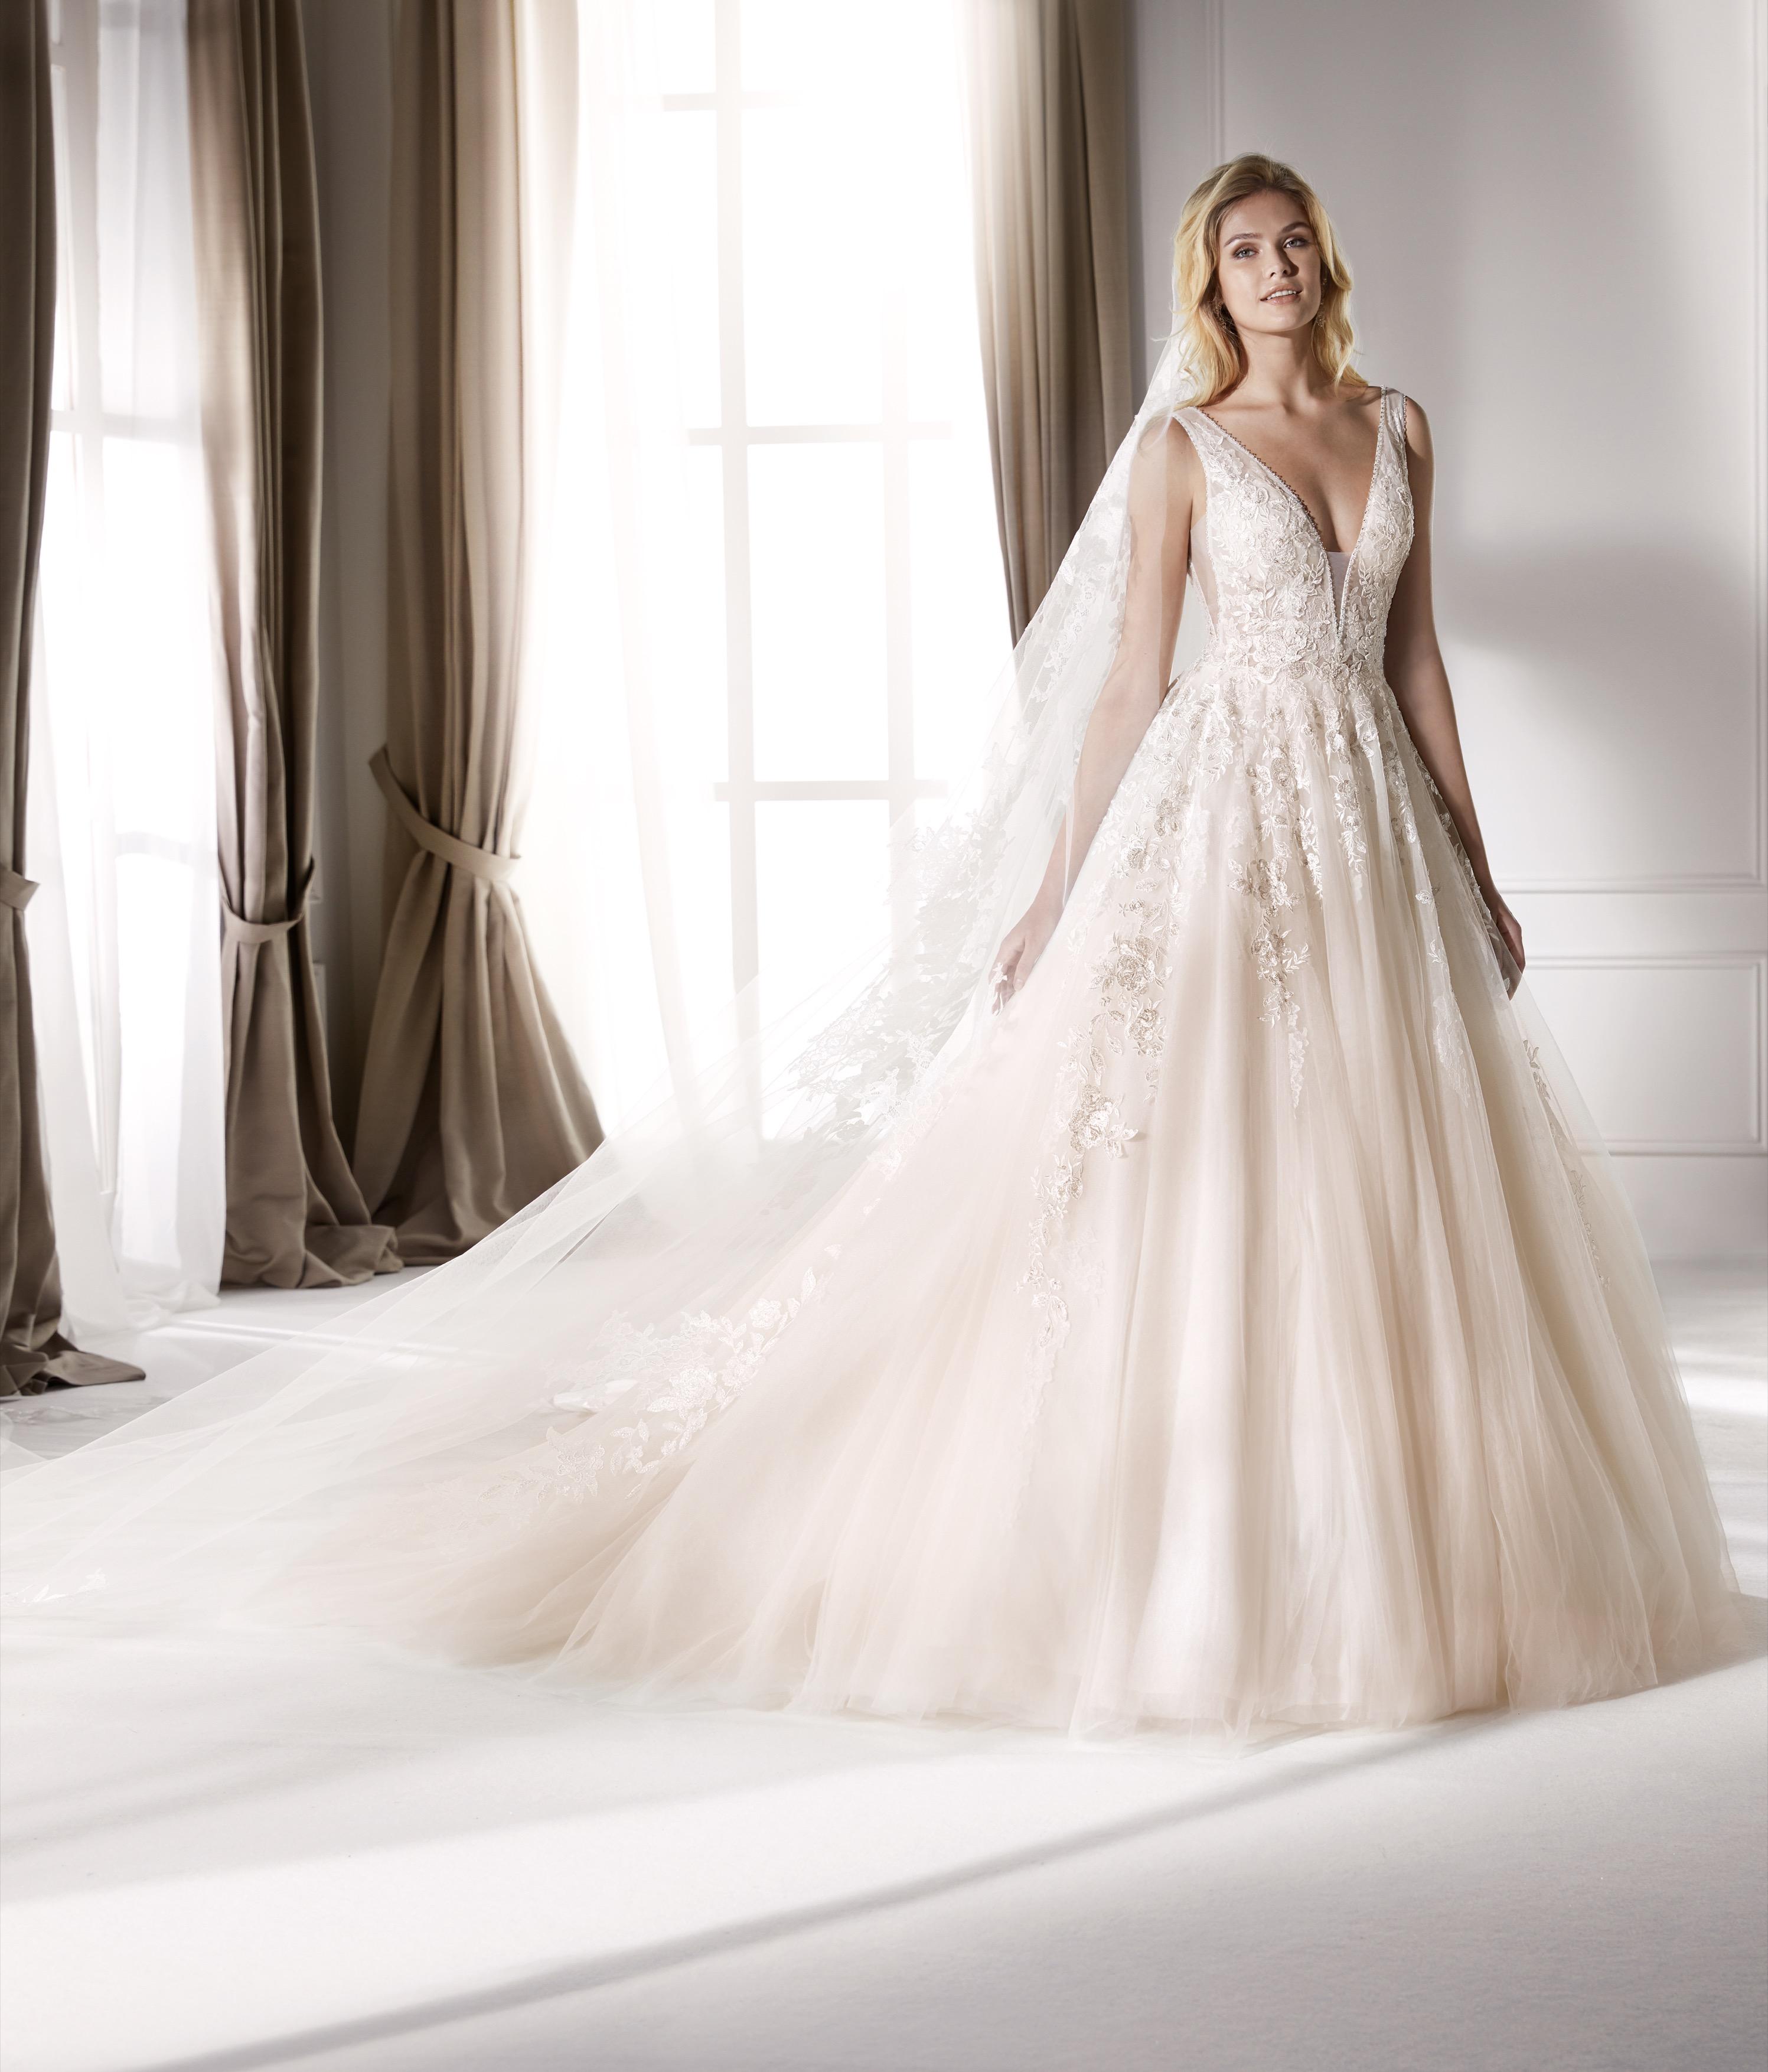 (P) Cauți rochia de mireasă perfectă? Iată ce îți recomandă specialiștii